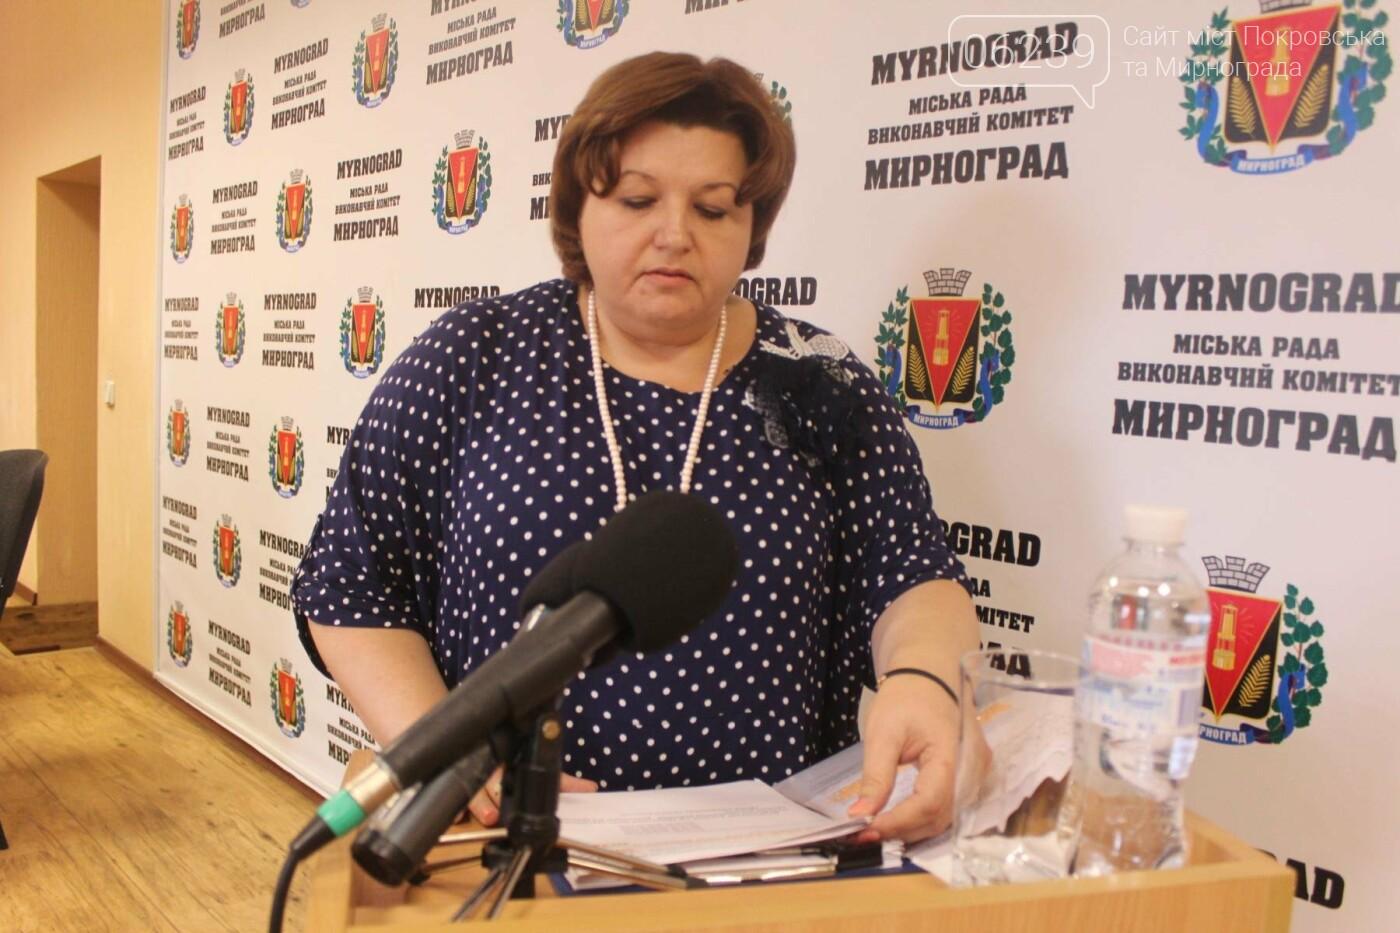 Изменения в бюджете и письмо министру: в Мирнограде состоялась 49-я сессия городского совета, фото-5